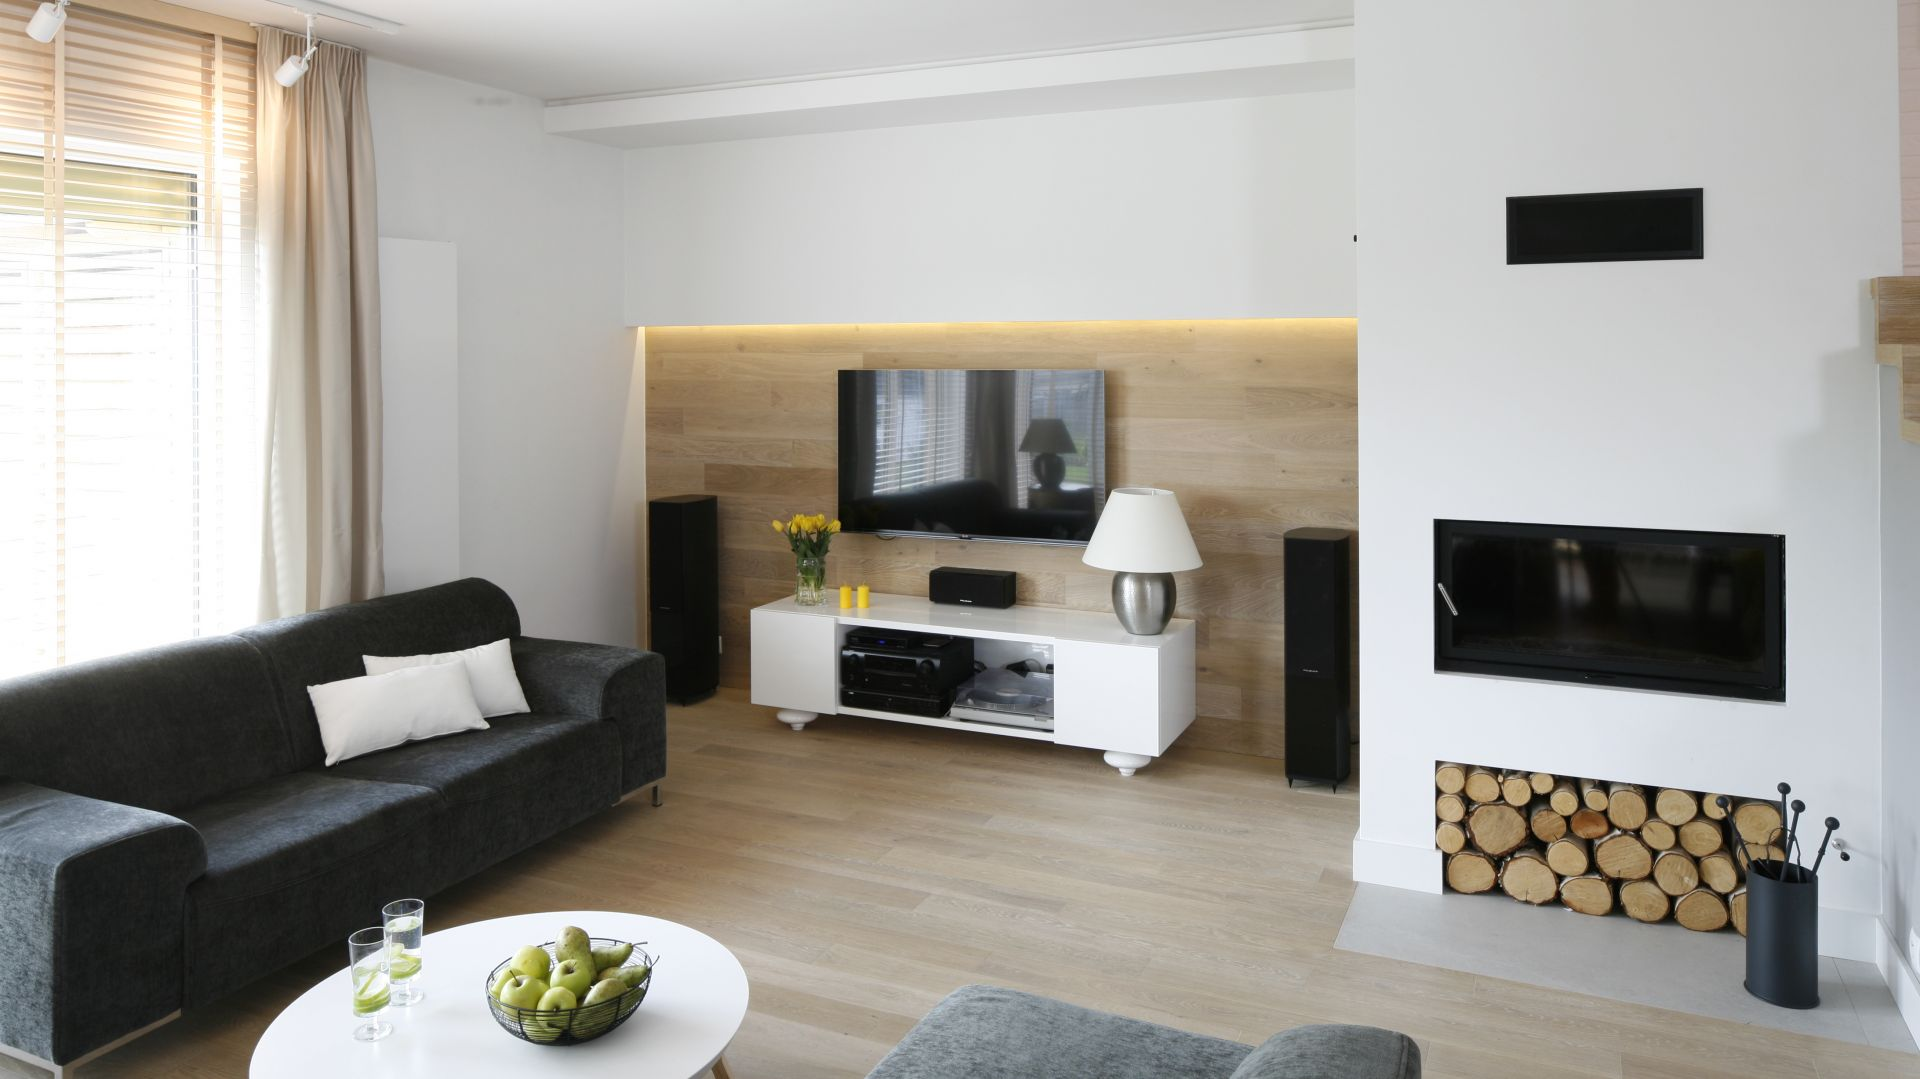 Telewizor w salonie - pomysł na ścianę. Projekt: Małgorzata Galewska. Fot. Bartosz Jarosz